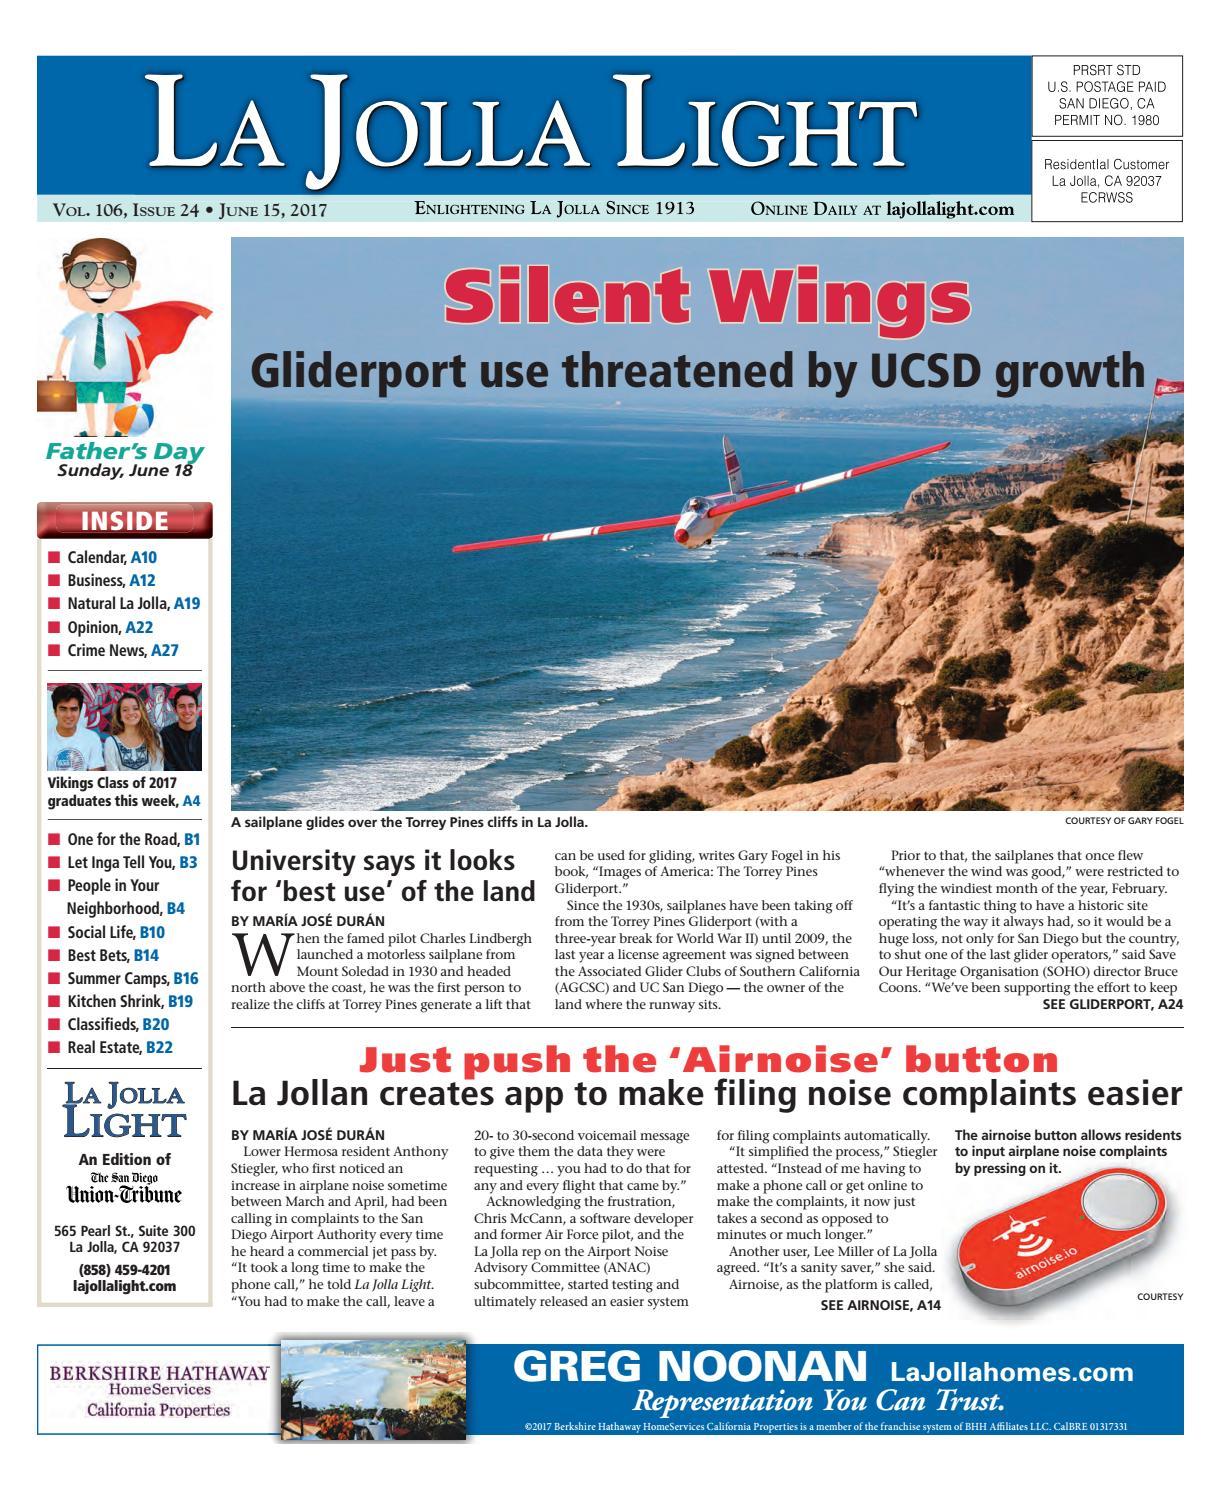 La Jolla Light 06 15 17 By MainStreet Media